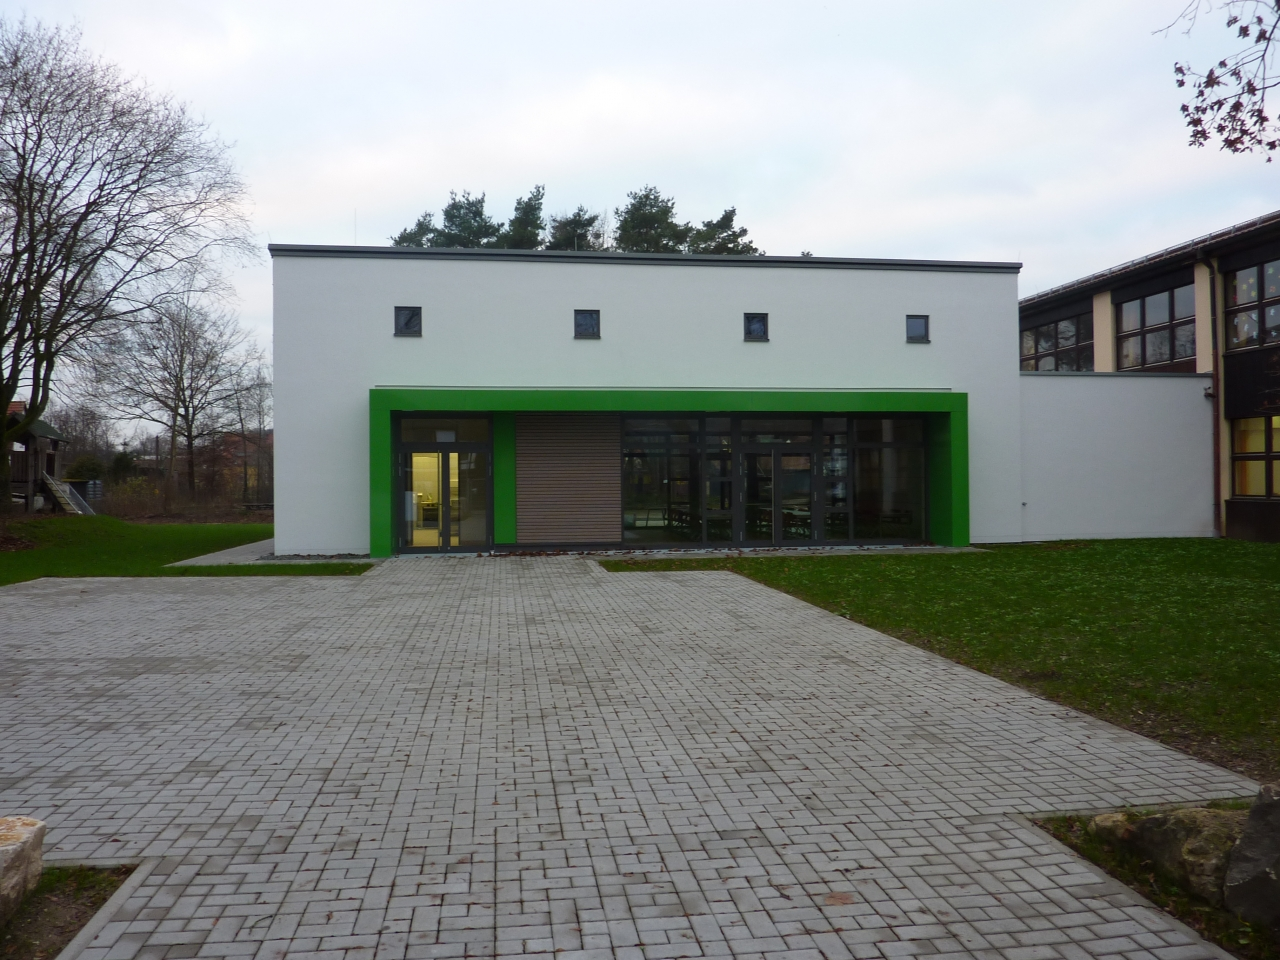 Schulen & Kinderbetreuung | Gemeinde Mühlhausen an der Sulz